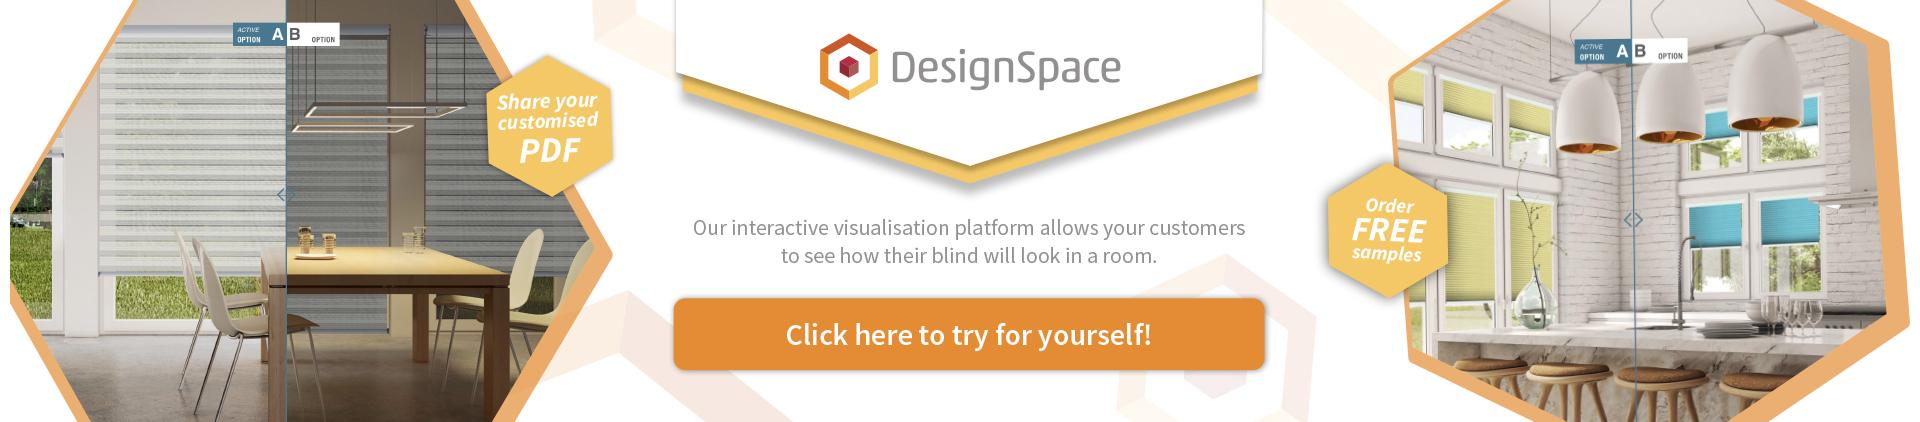 DesignSpace Banner